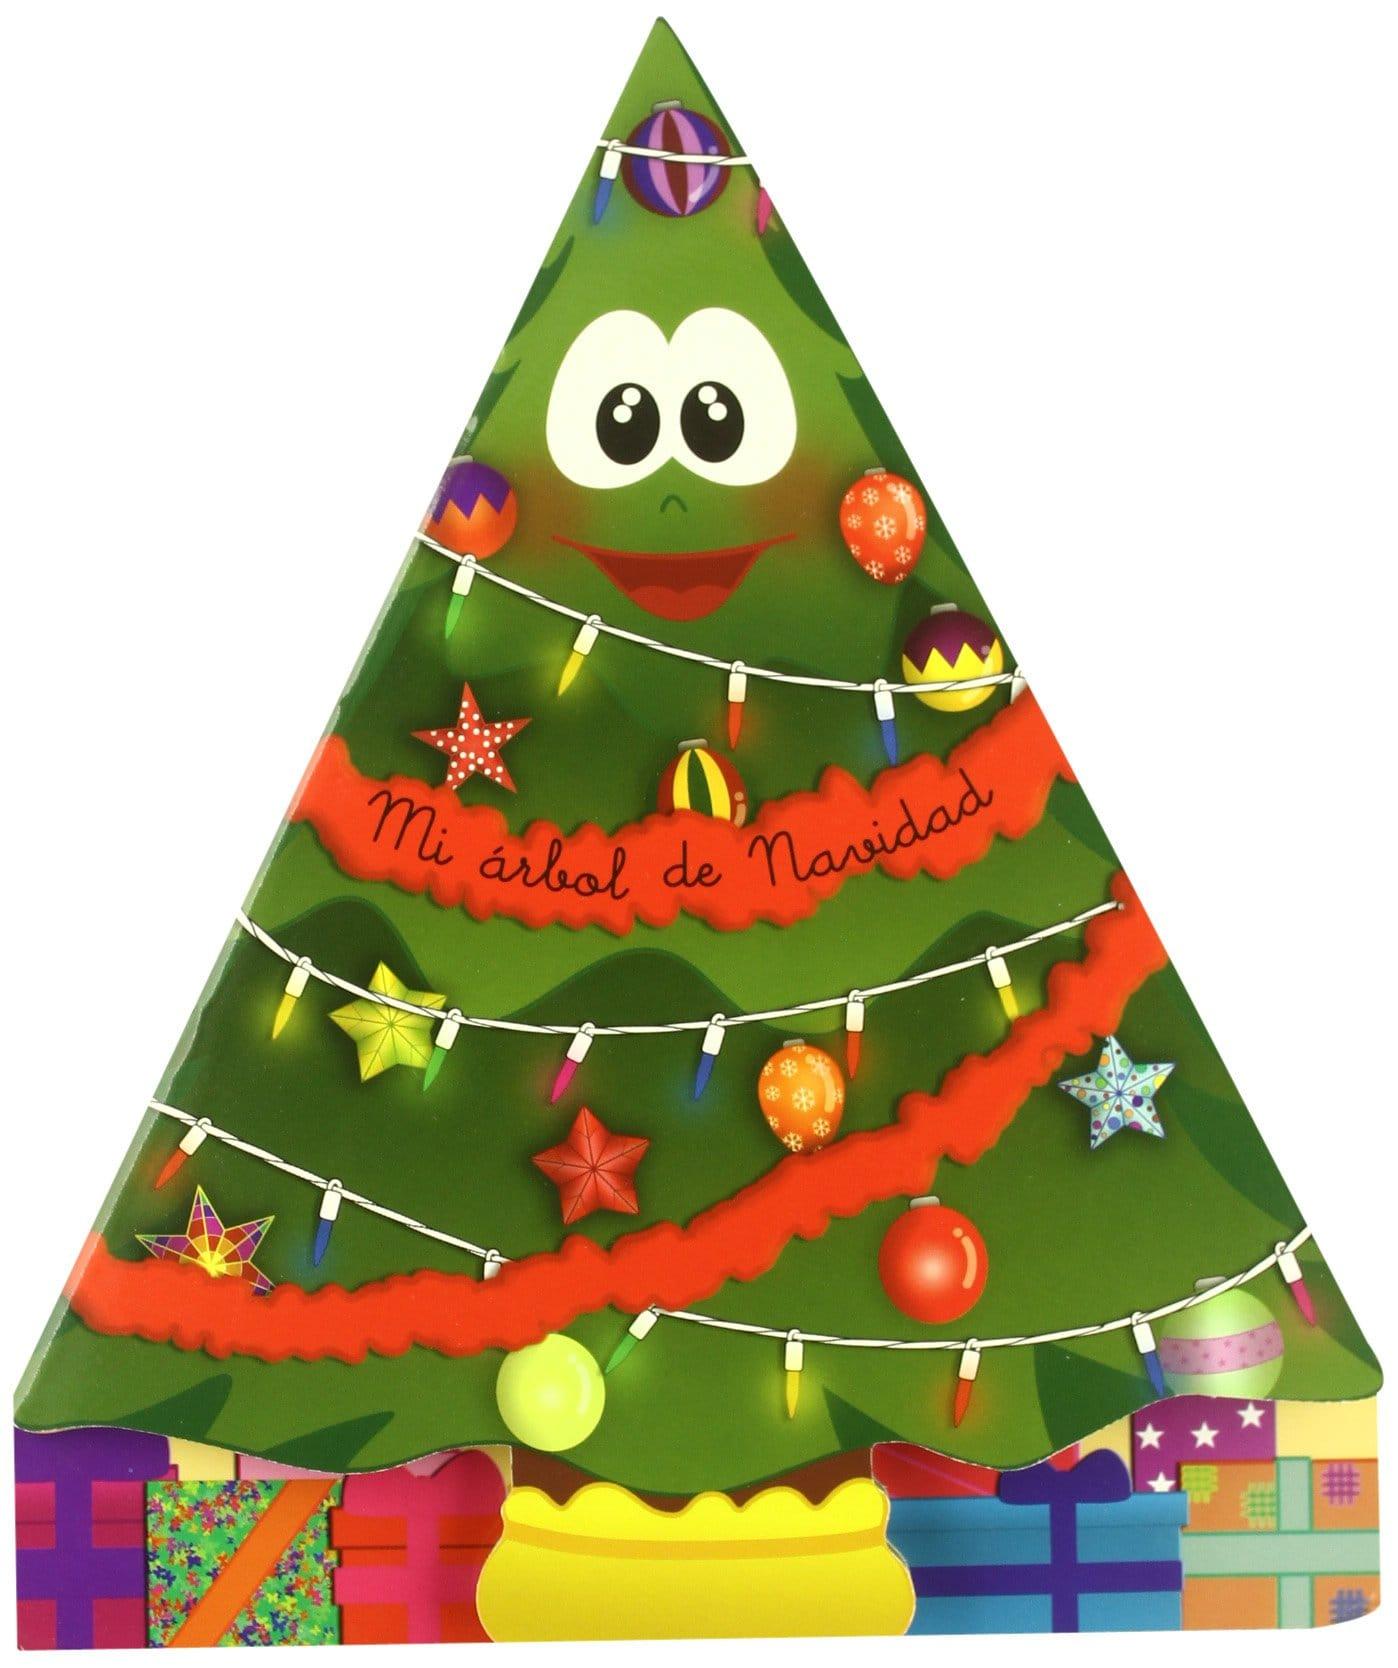 30 libros infantiles para leer en navidad pekeleke for Arbol navidad infantil